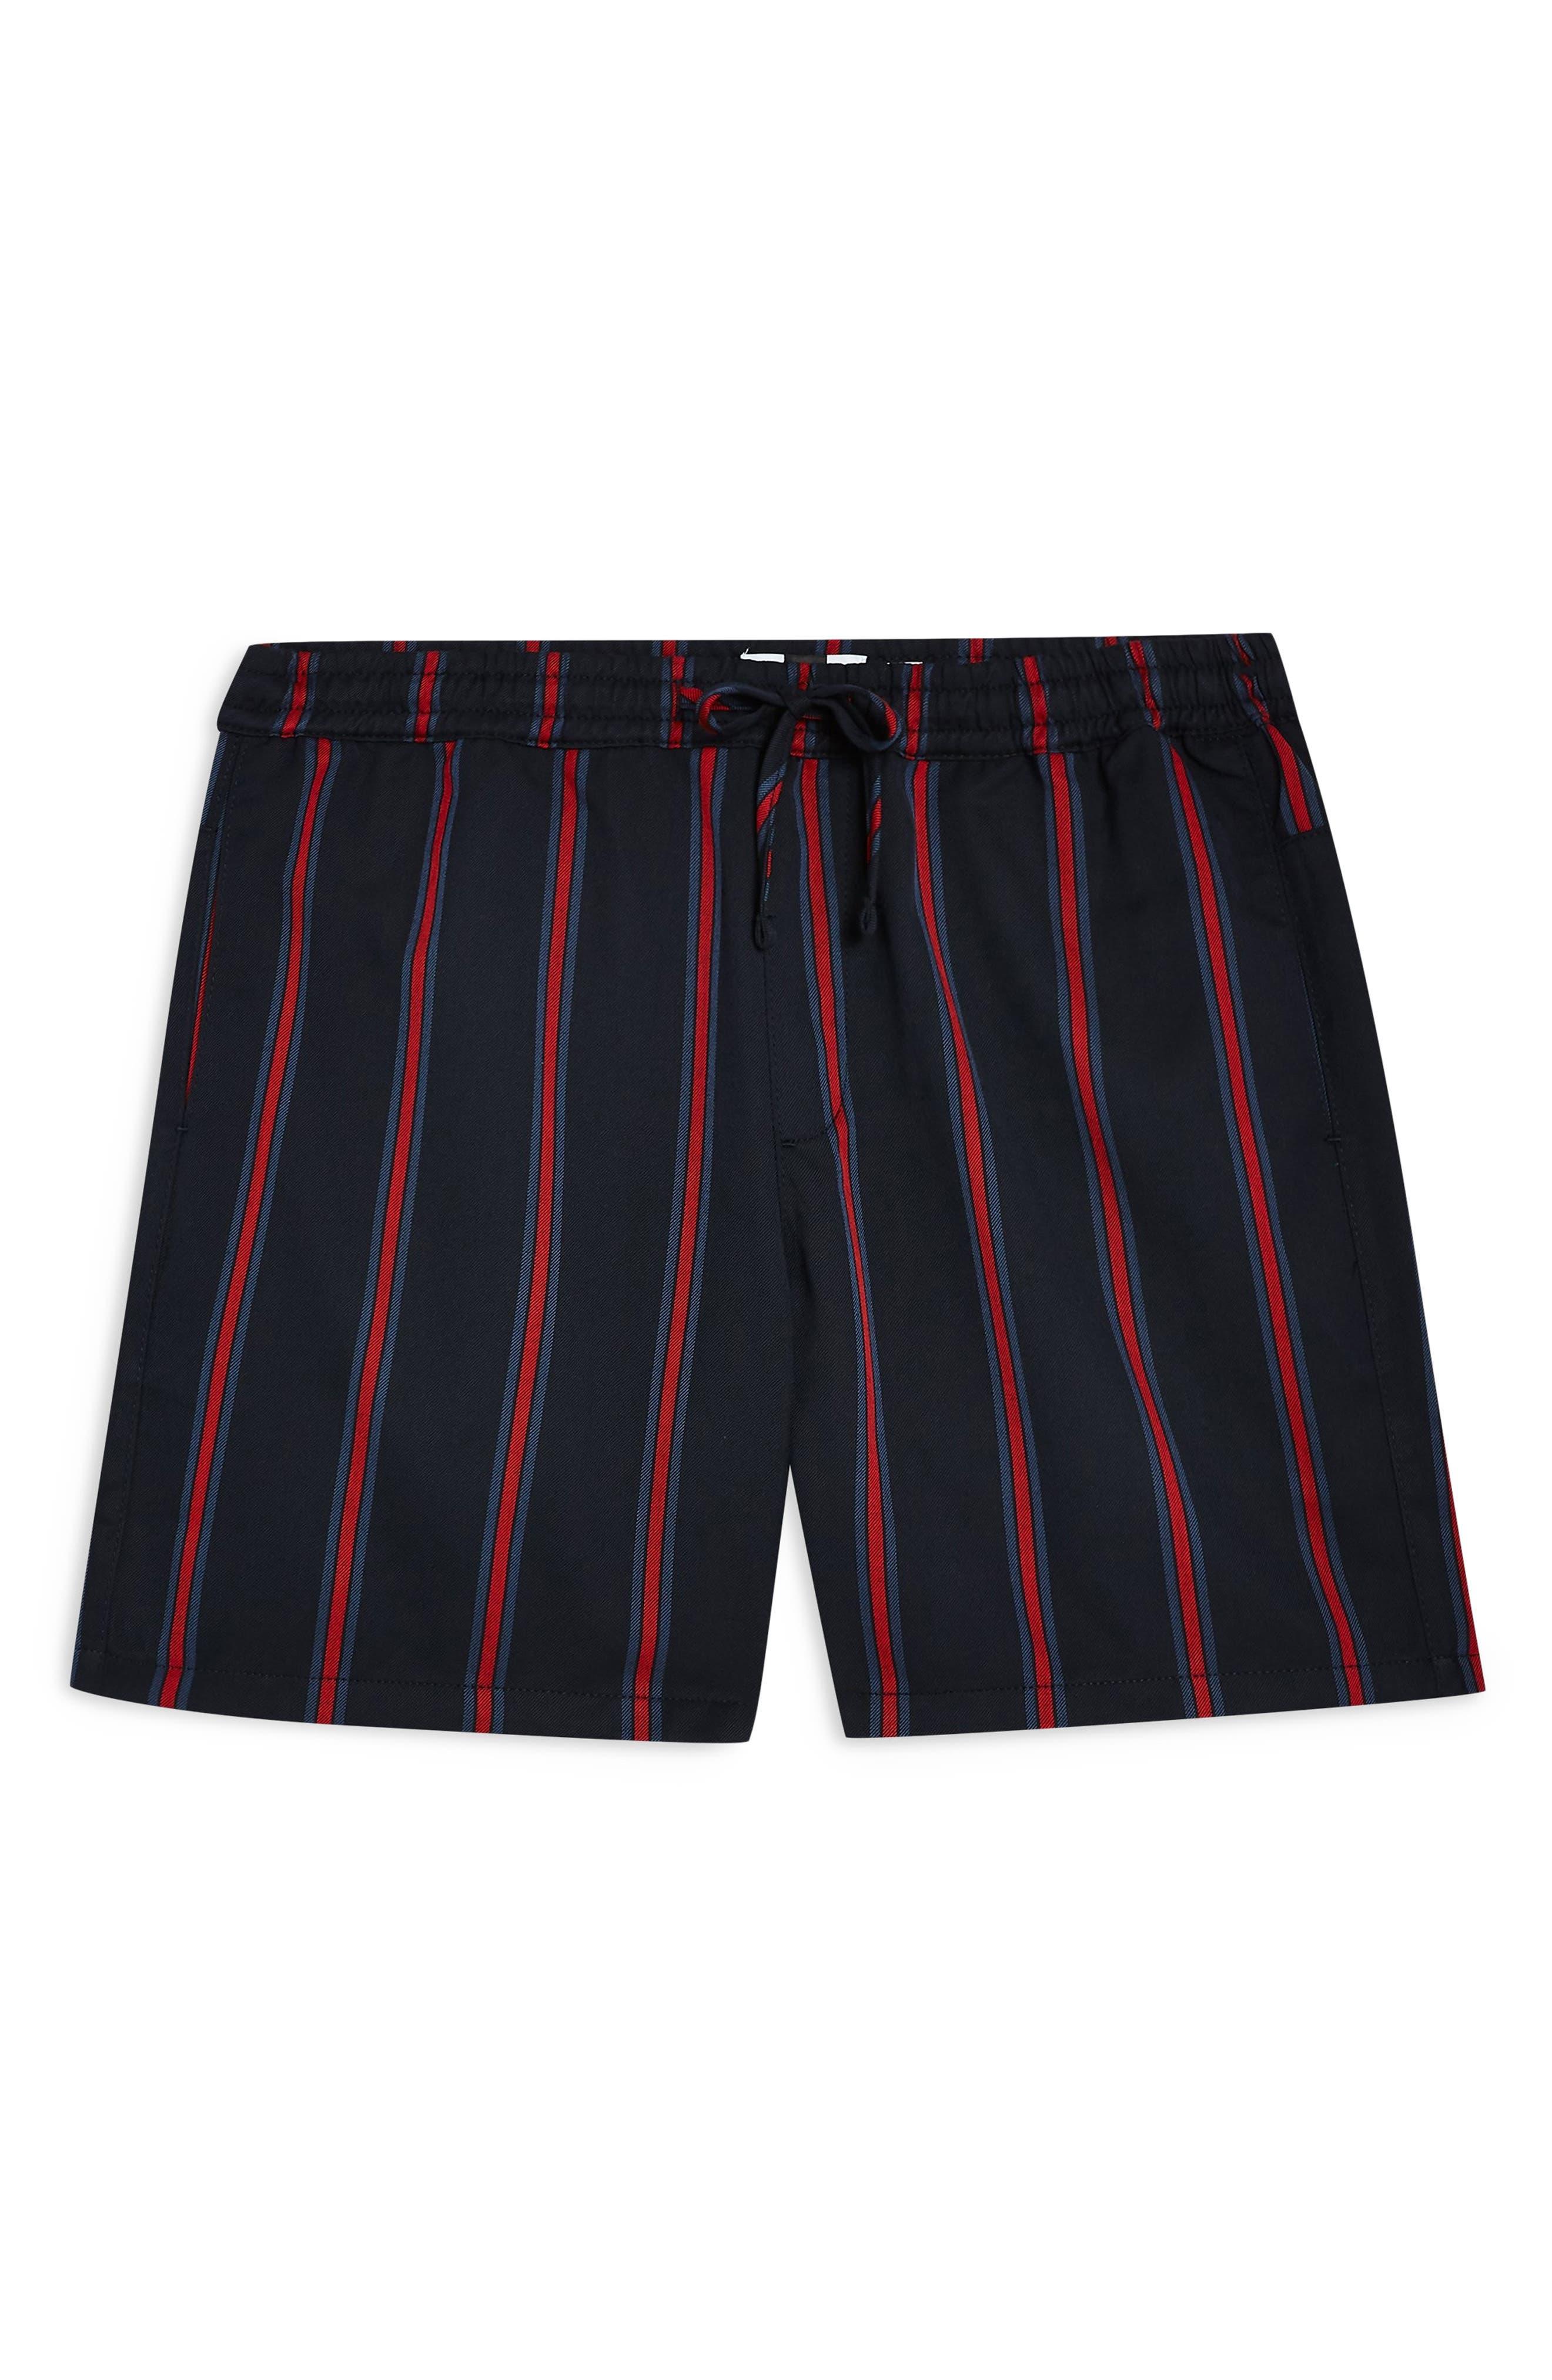 Stripe Swim Shorts,                             Main thumbnail 1, color,                             NAVY BLUE MULTI